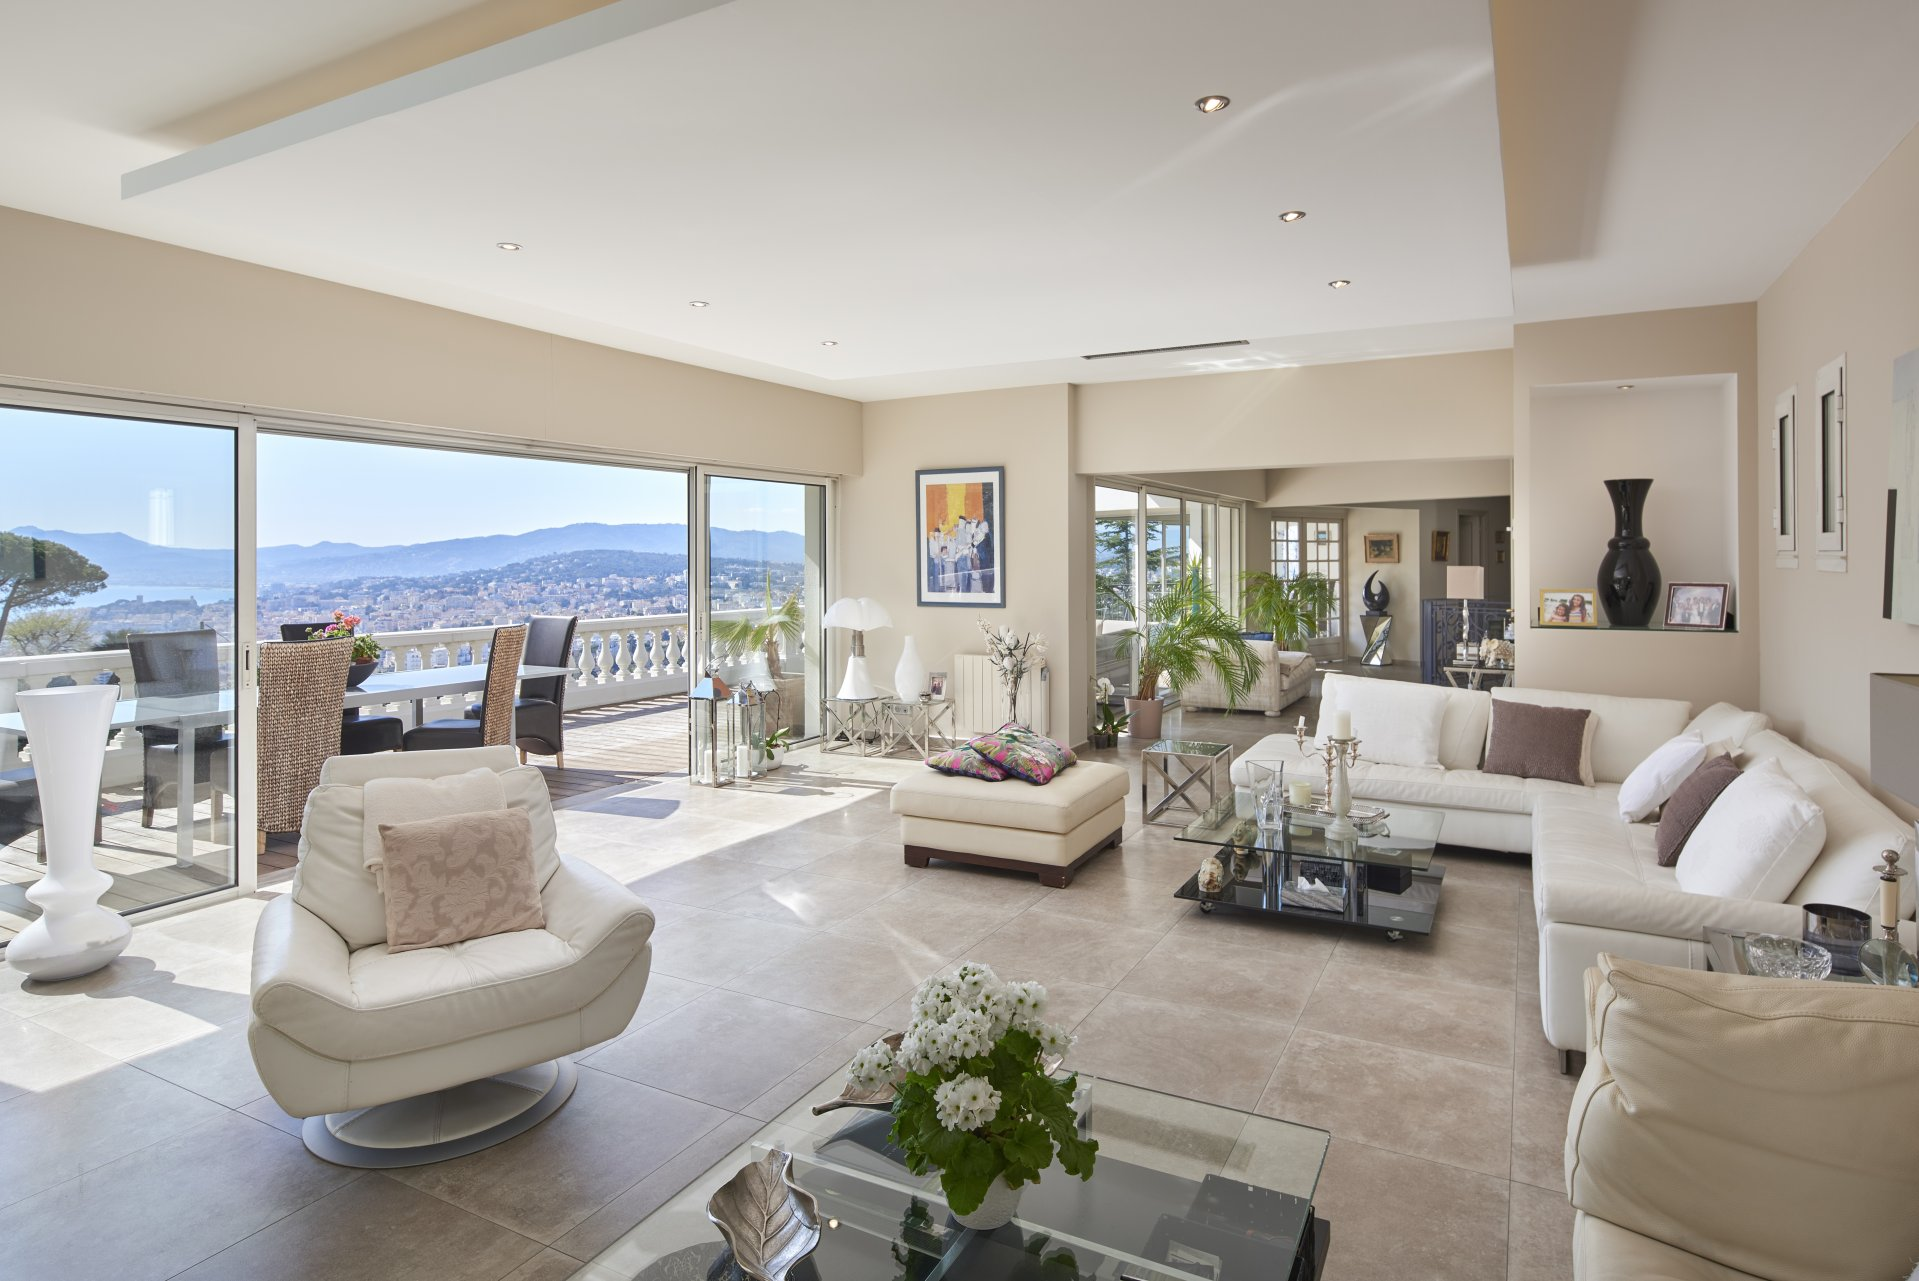 For Sale - Villa with panoramic sea view - La Californie